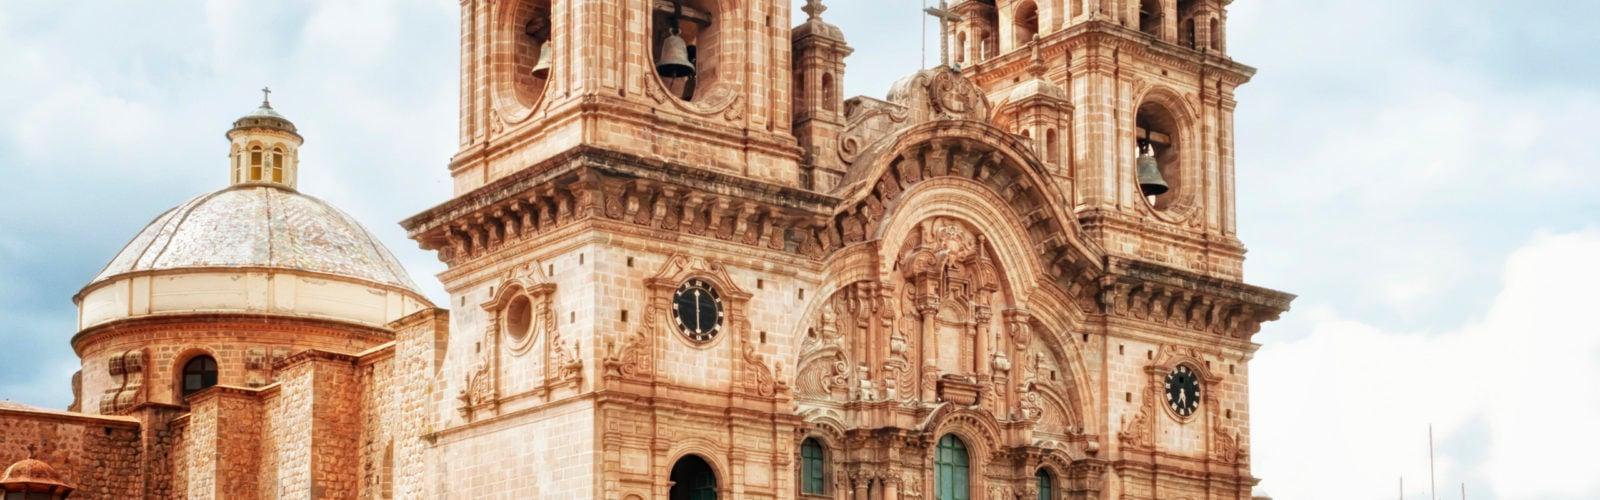 cusco-church-peru